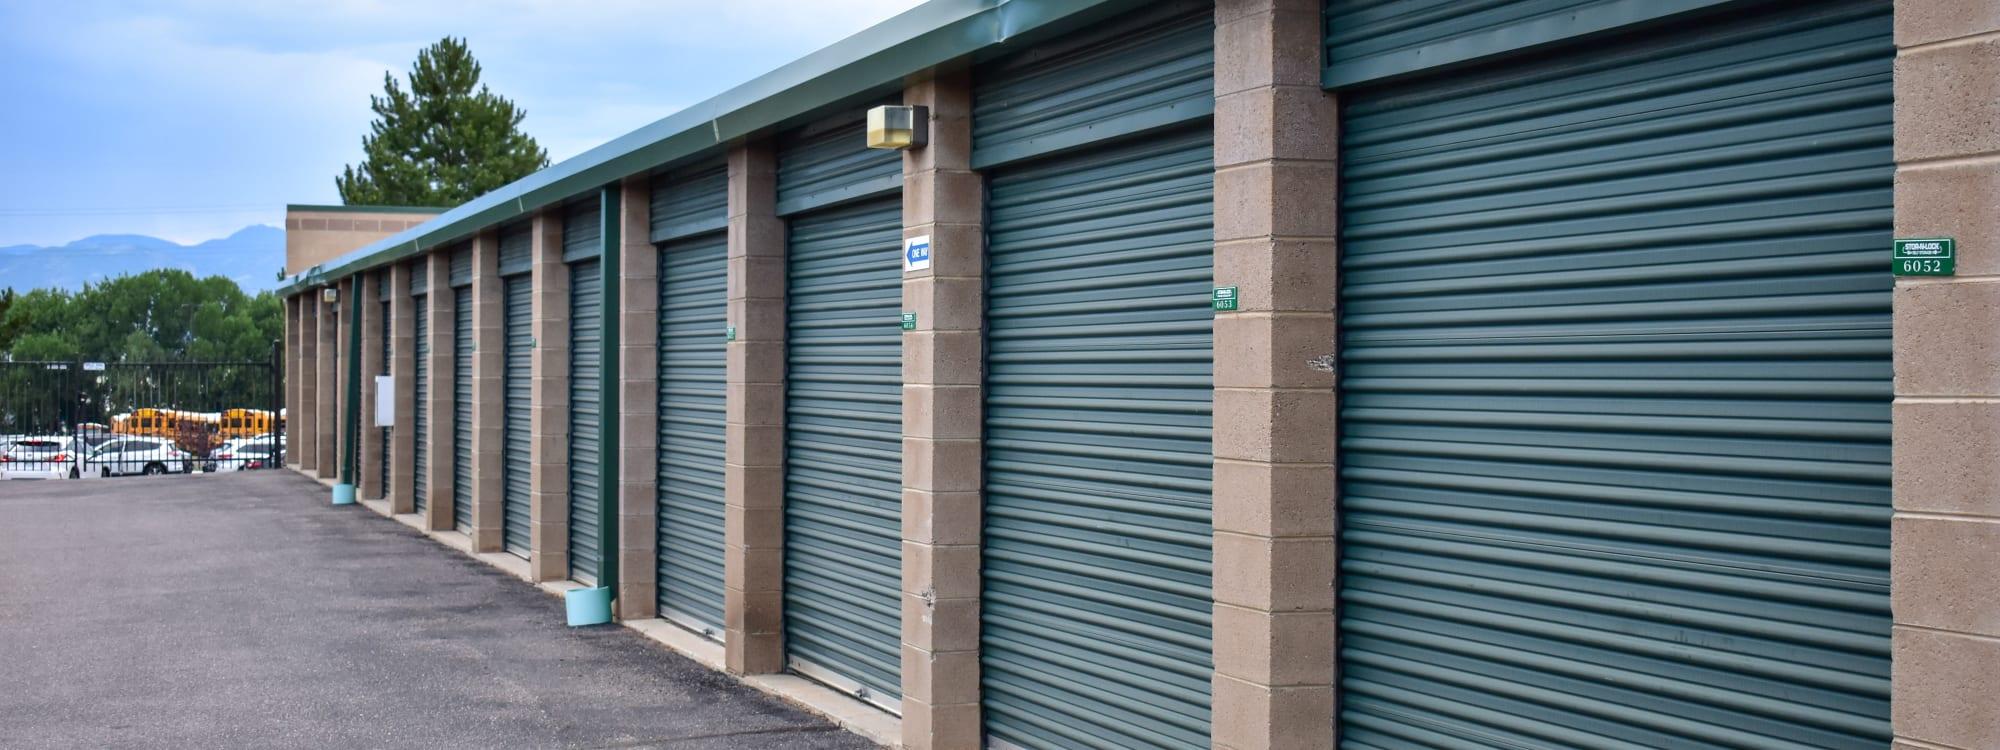 Self storage options at STOR-N-LOCK Self Storage in Littleton, Colorado